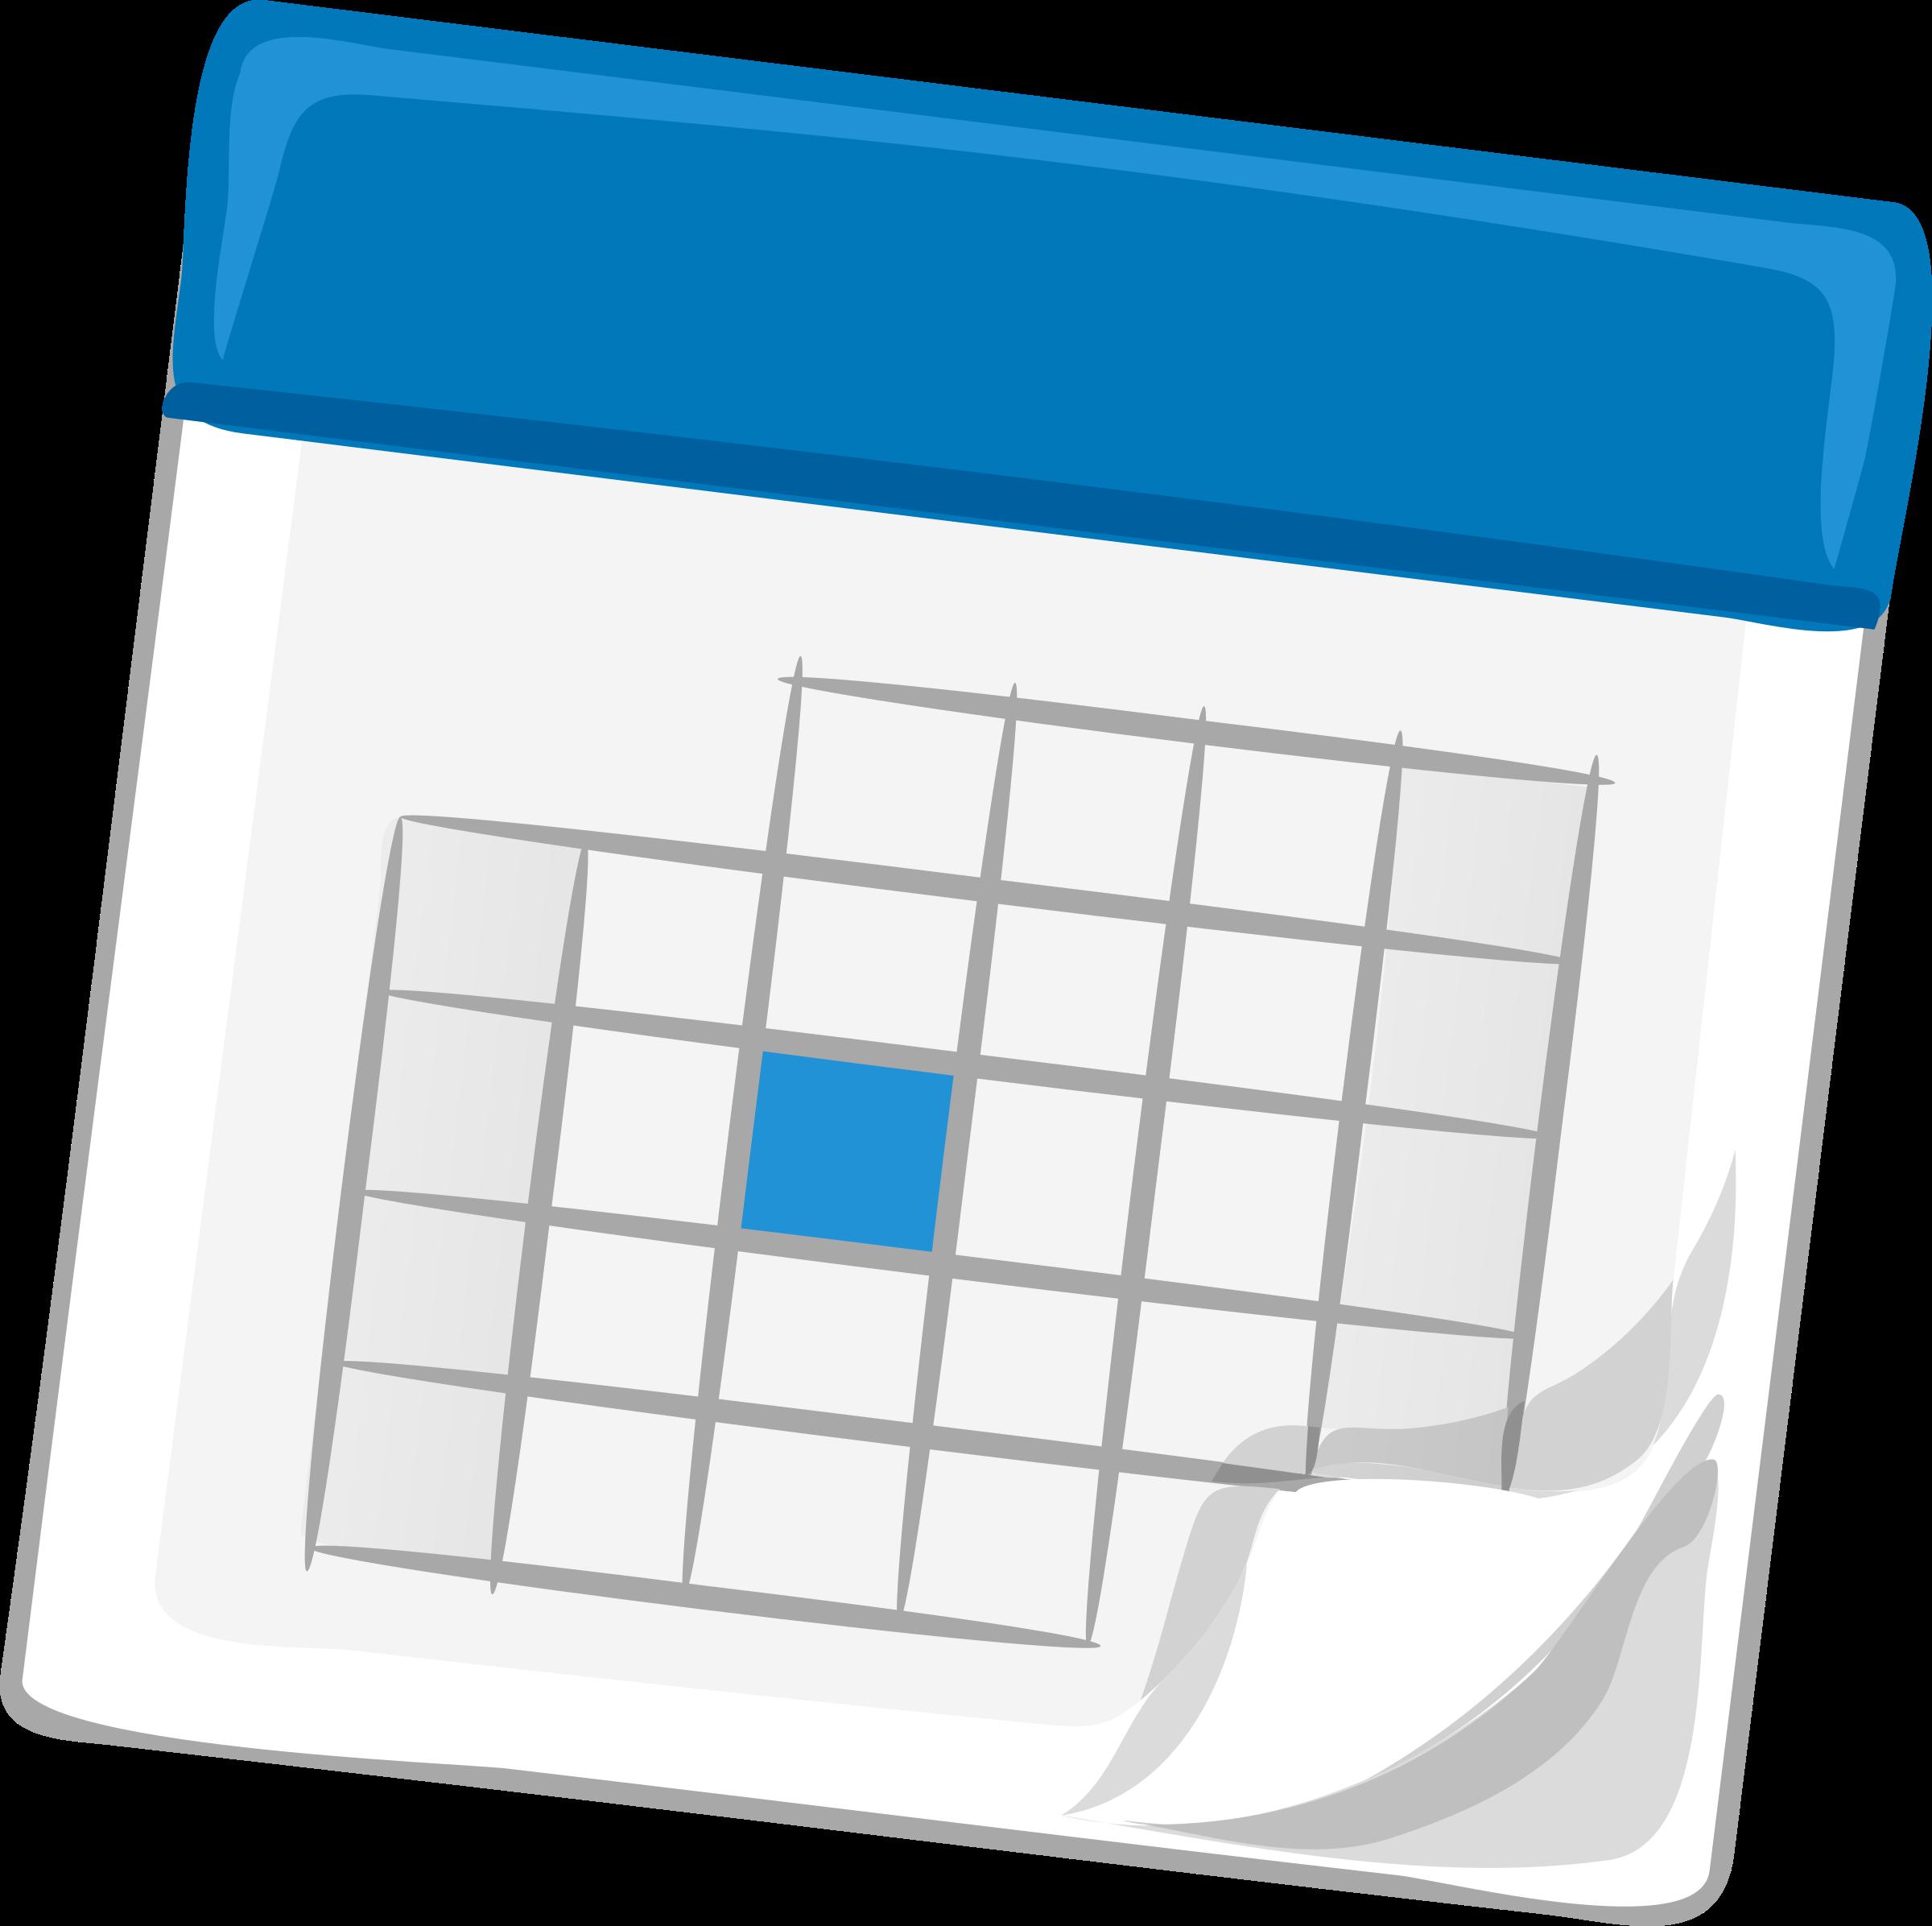 Clip art of calendar clip royalty free stock Clipart - calendar, blue clip royalty free stock